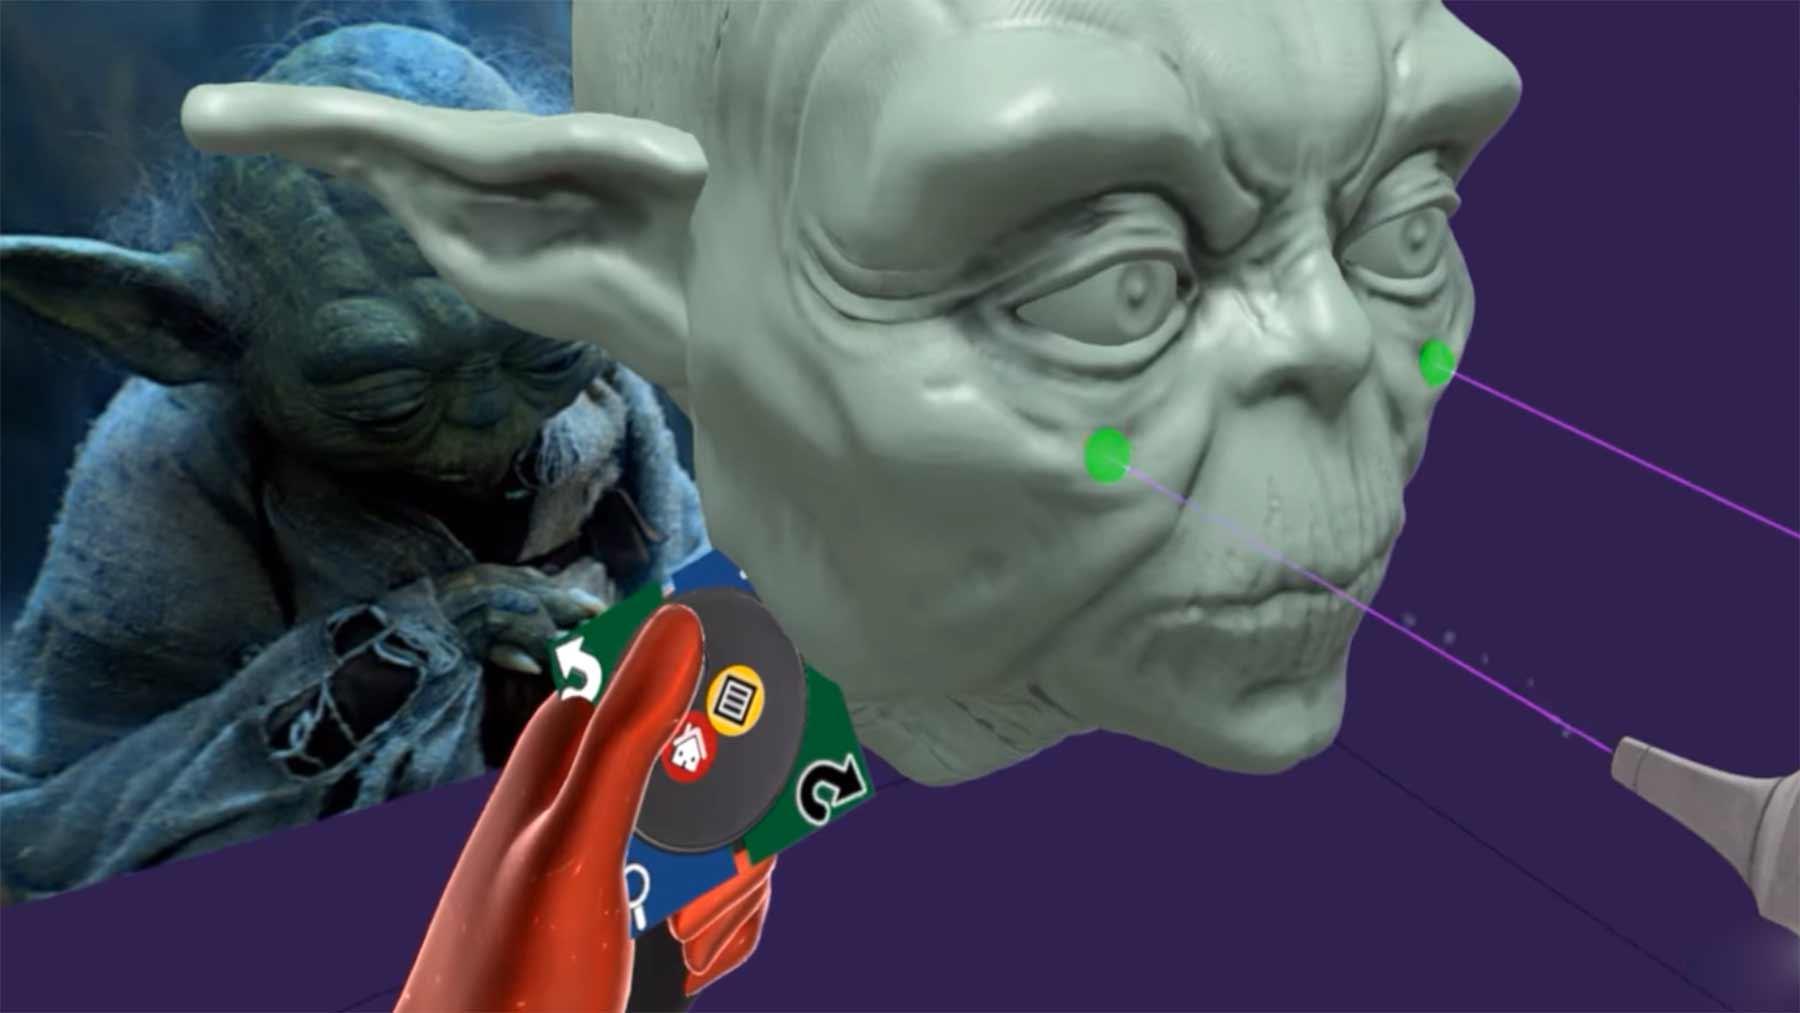 Timelapse: eine VR-Skulptur von Yodas Kopf erstellen virtuelle-yoda-skulptur-erstellen